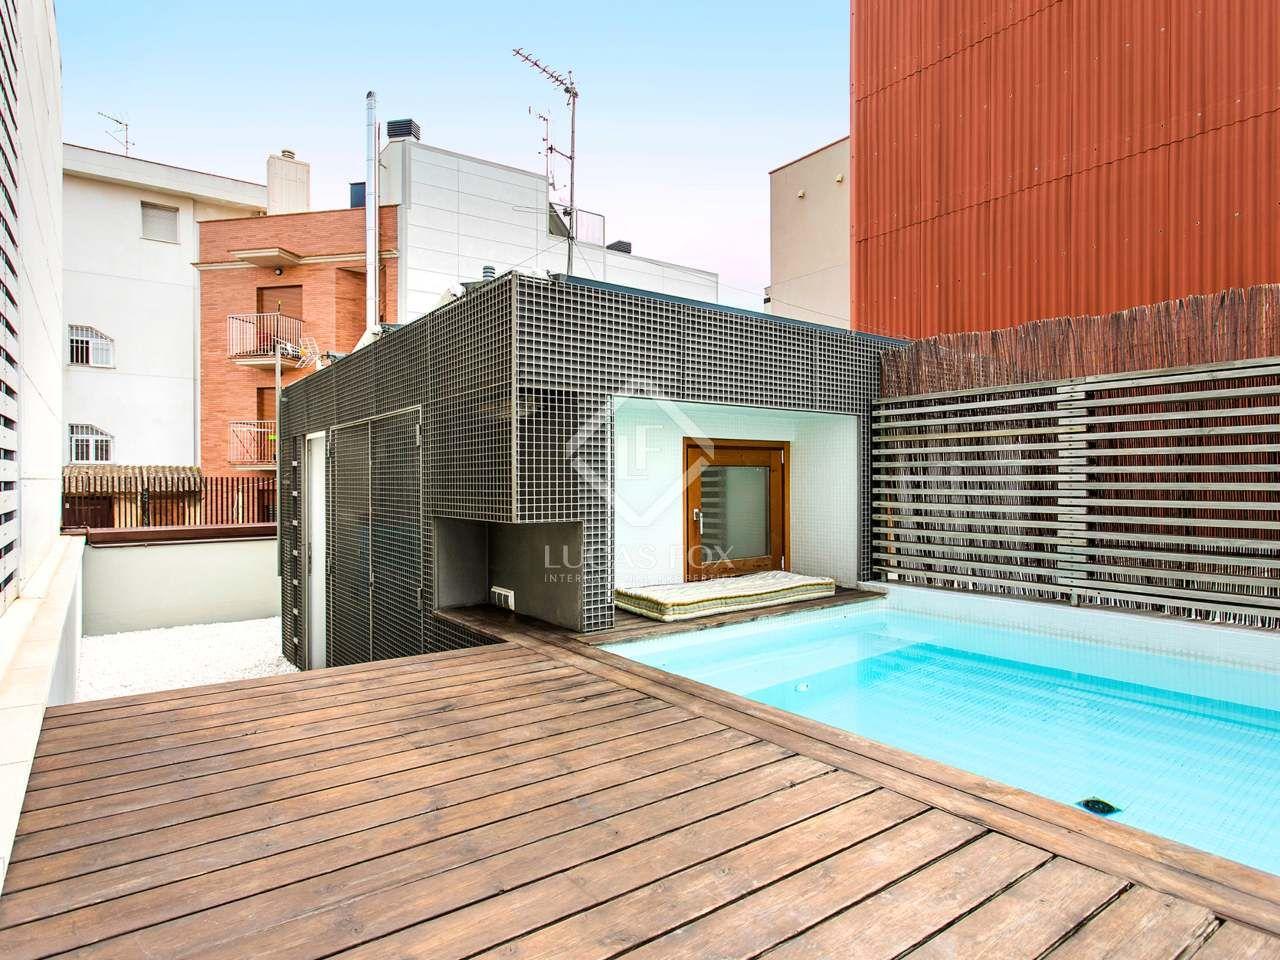 Casa Moderna De 140m En Alquiler En Poblenou Barcelona Casa Moderna Alquiler Casa Contemporanea